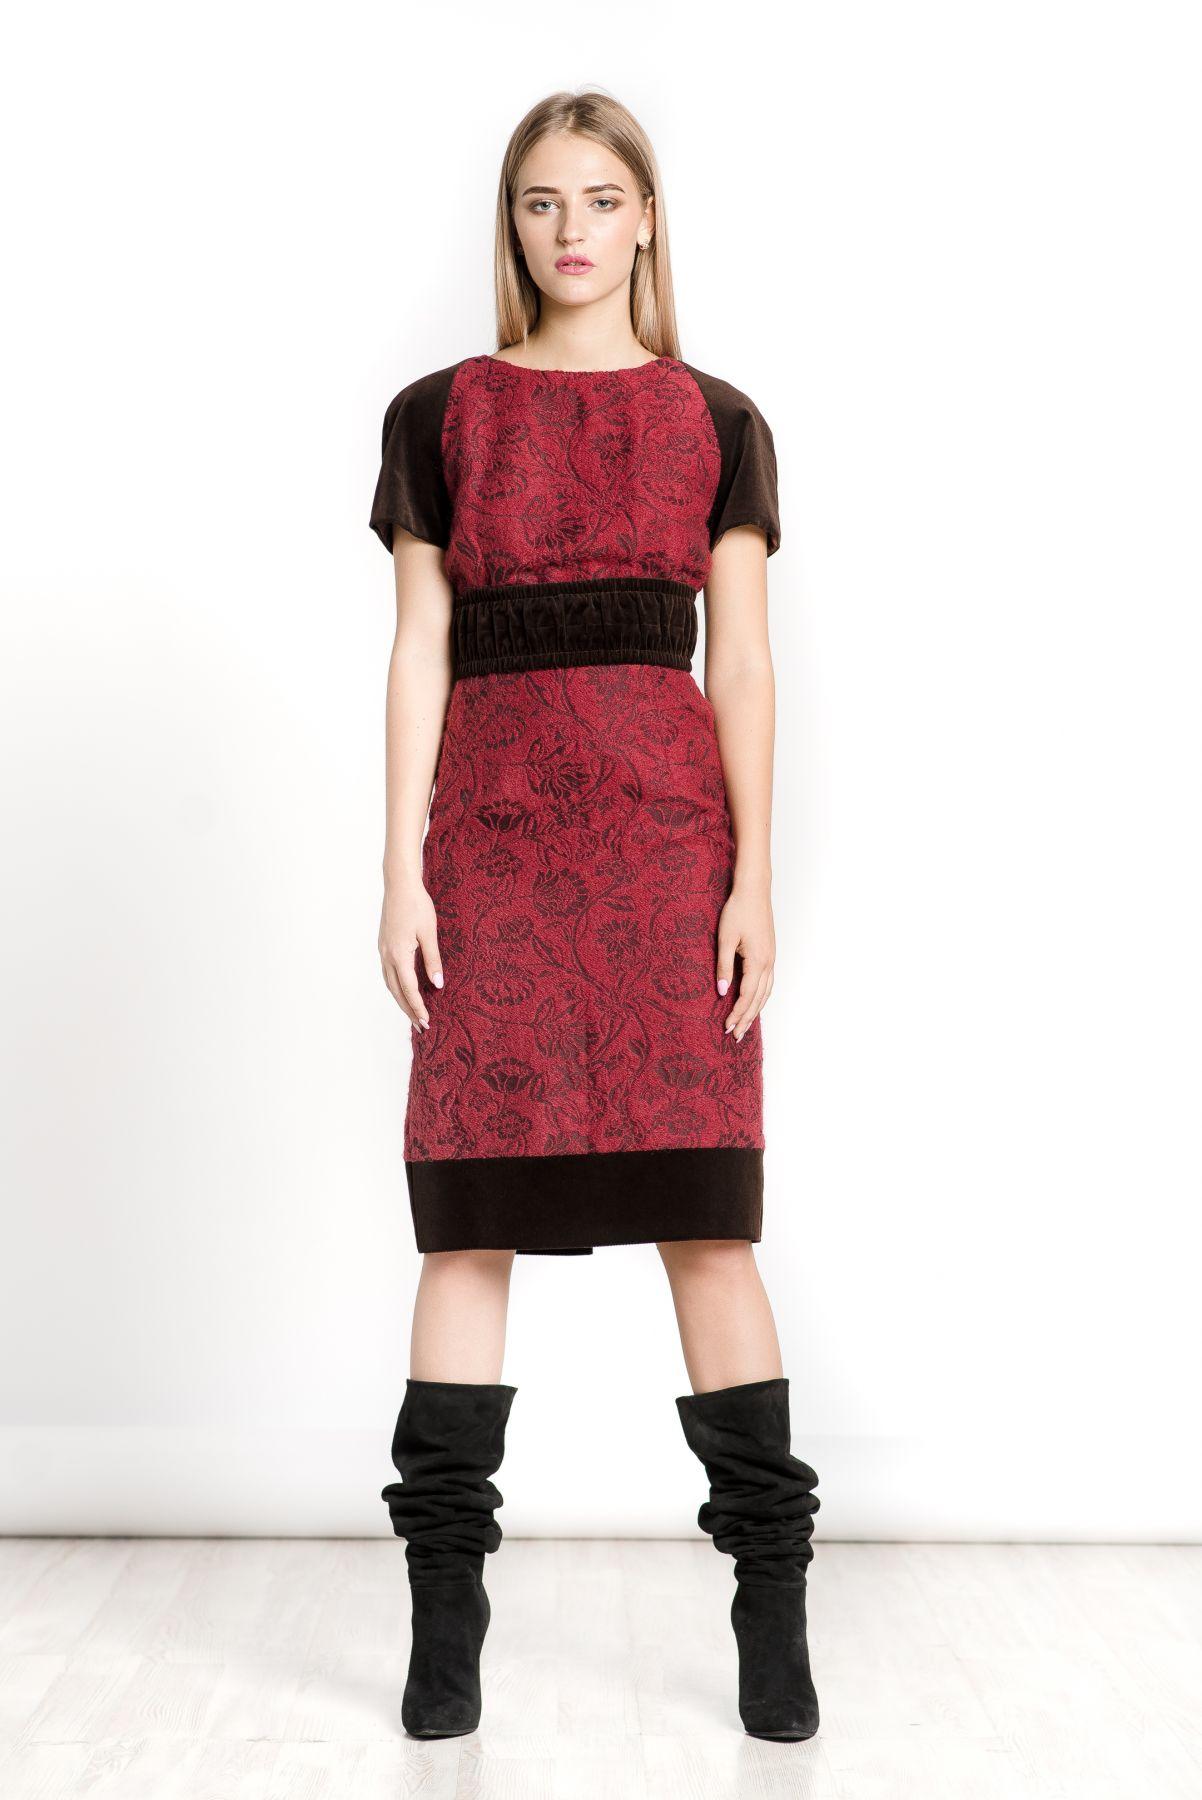 Шерстяное платье, платье футляр, оригинальное платье на каждый день ... 65612742fca